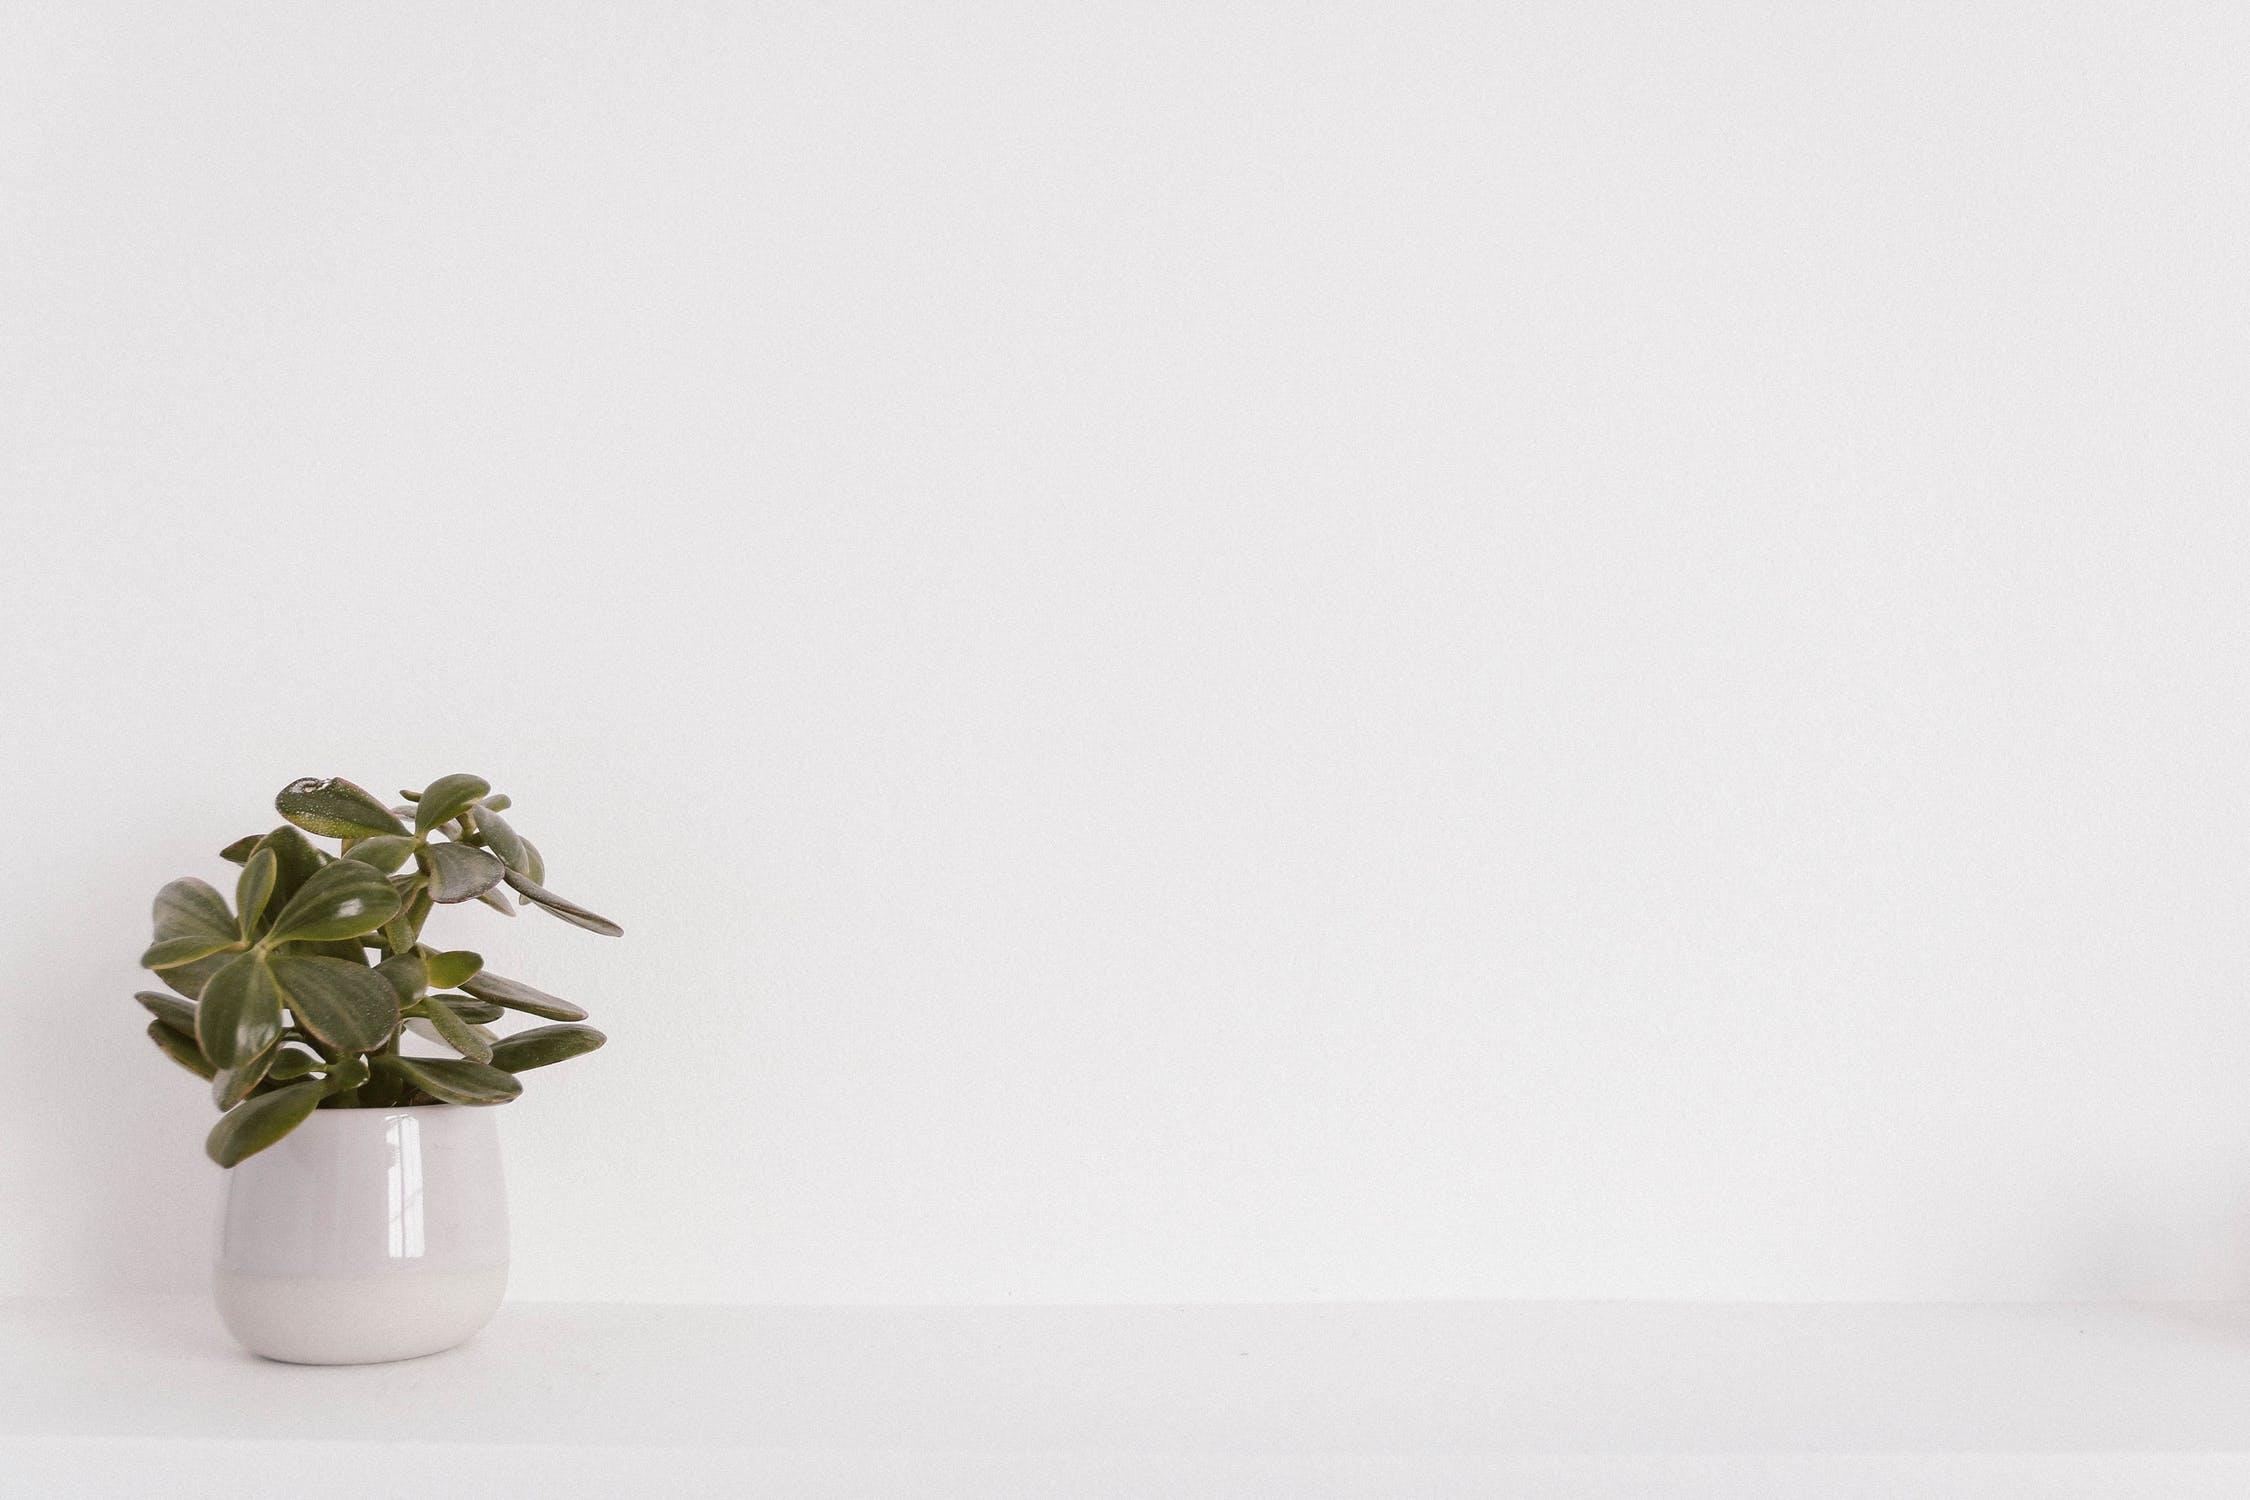 eine Pflanze steht am linken Bildrand in einem weißen Topf vor weißem Hintergrund